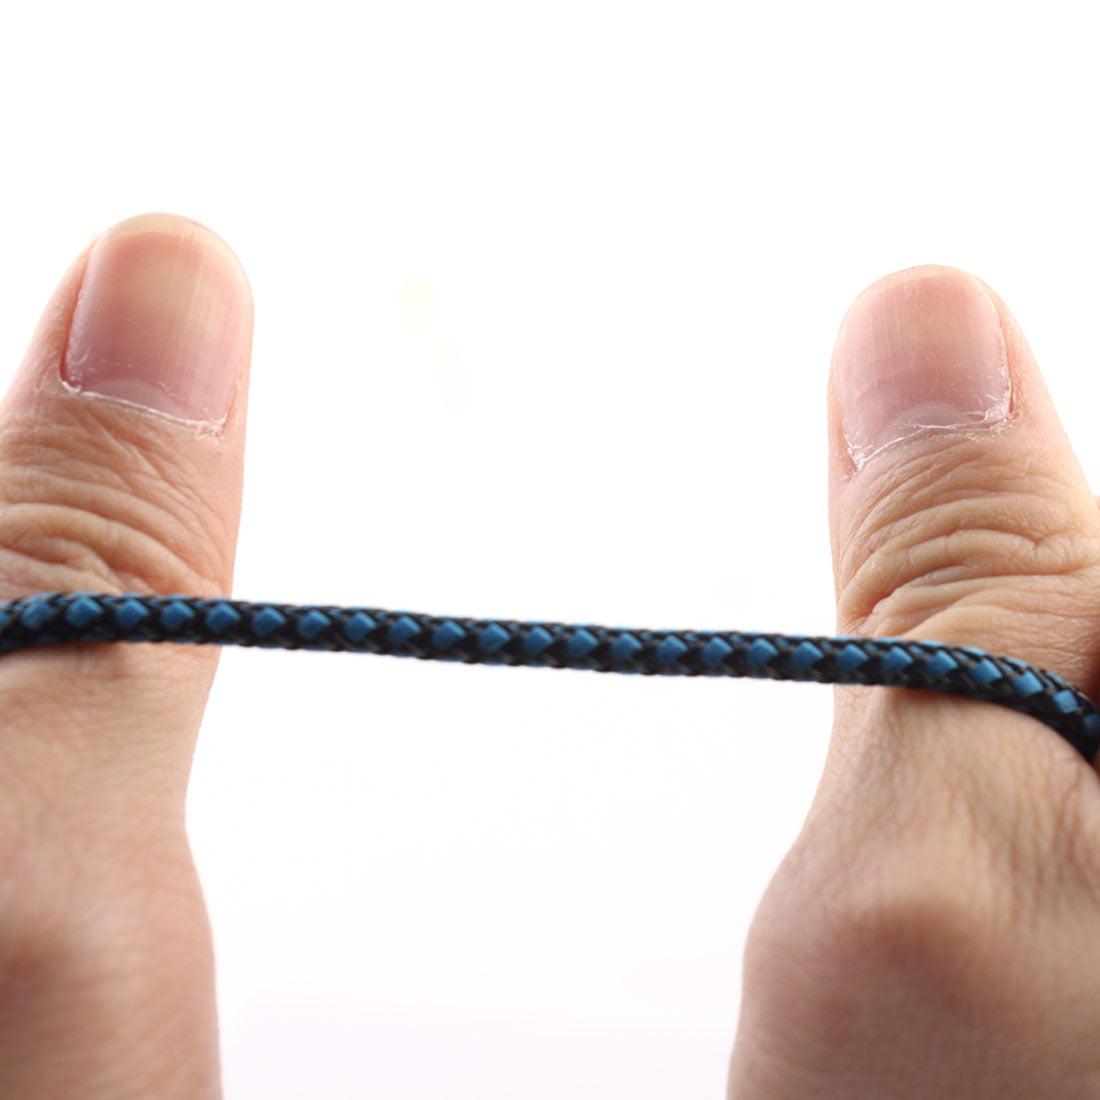 Unique BargainsMP3 Player Nylon Anti-Friction 3.5mm Male to Male Aux Cord Audio Cable Blue - image 2 de 5